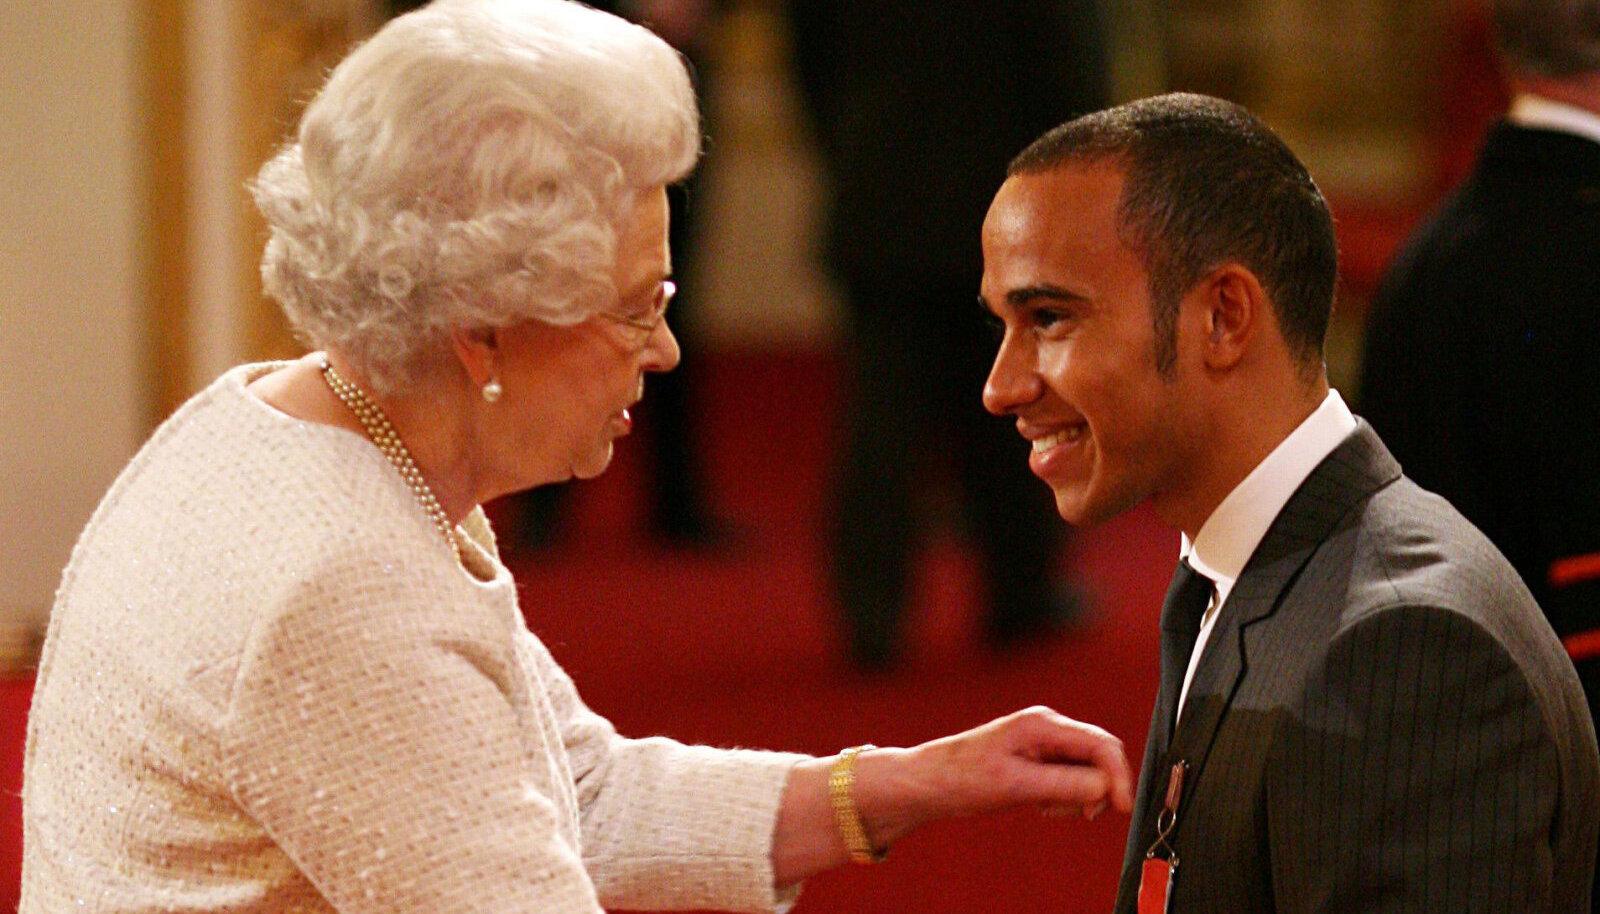 Lewis Hamilton 2009. aastal Elizabeth II-lt Briti impeeriumi ordu medalit saamas.